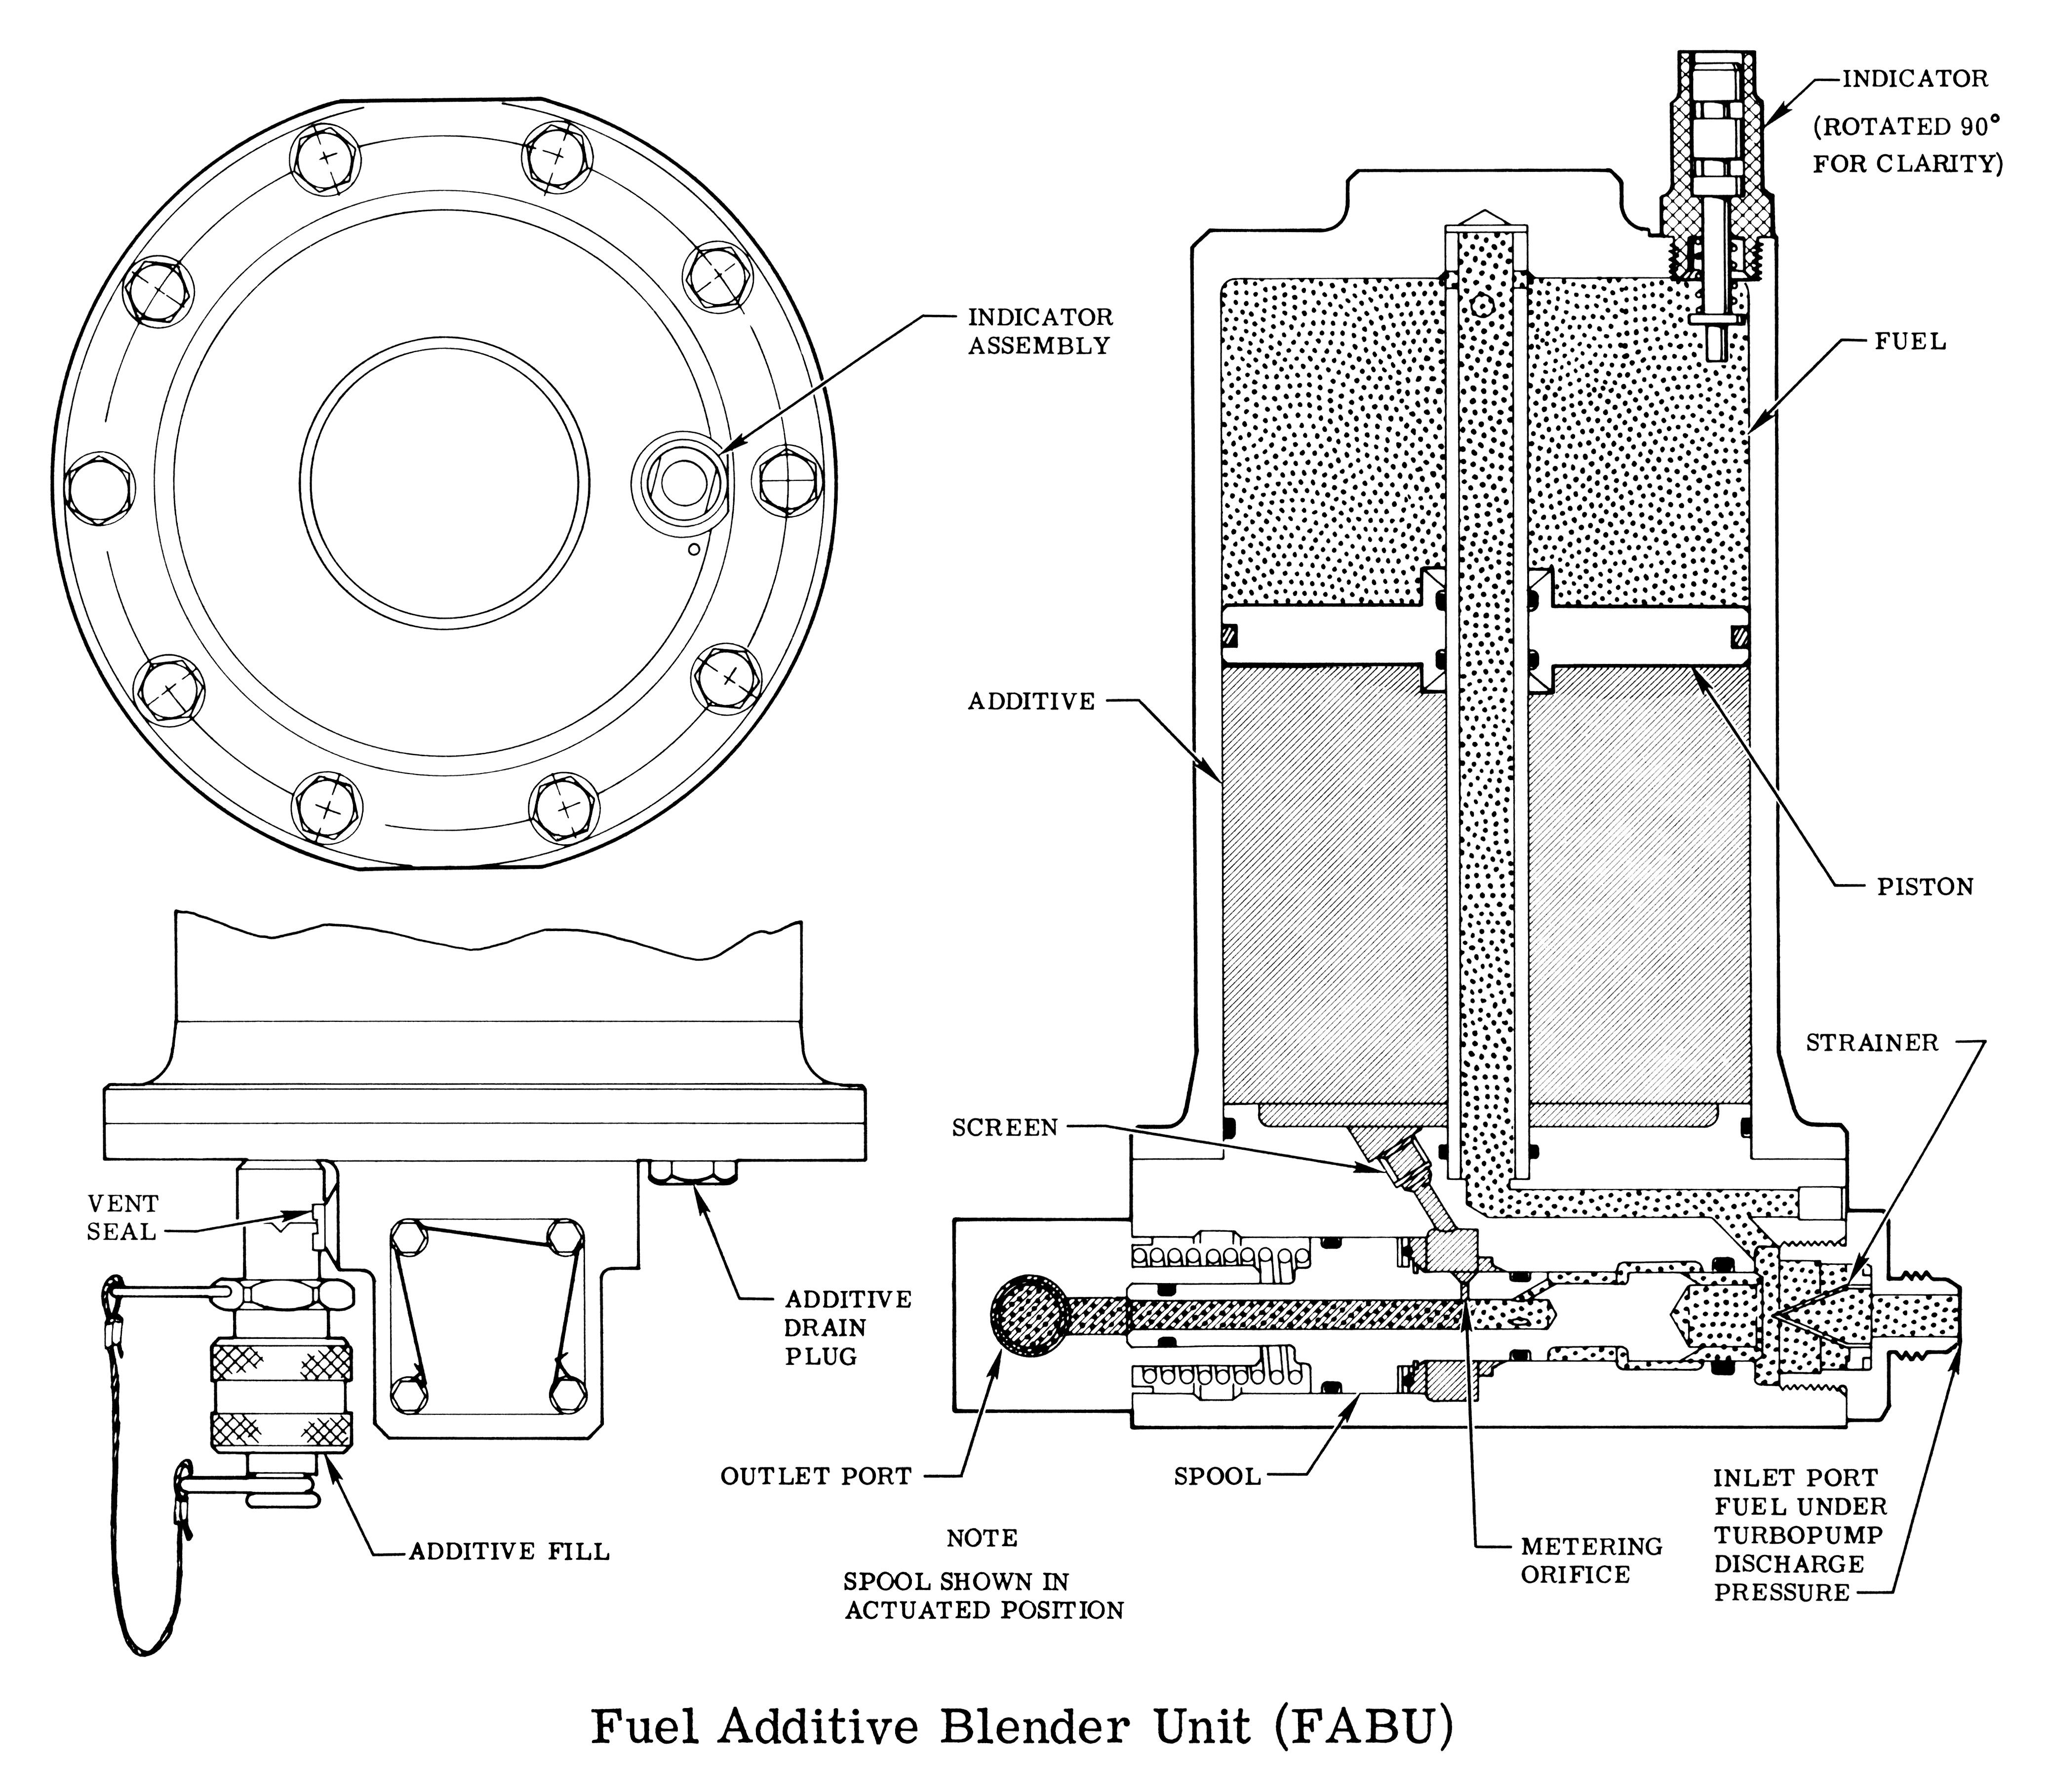 H-1 Rocket Engine Fuel Additive Blender Unit (FABU) on